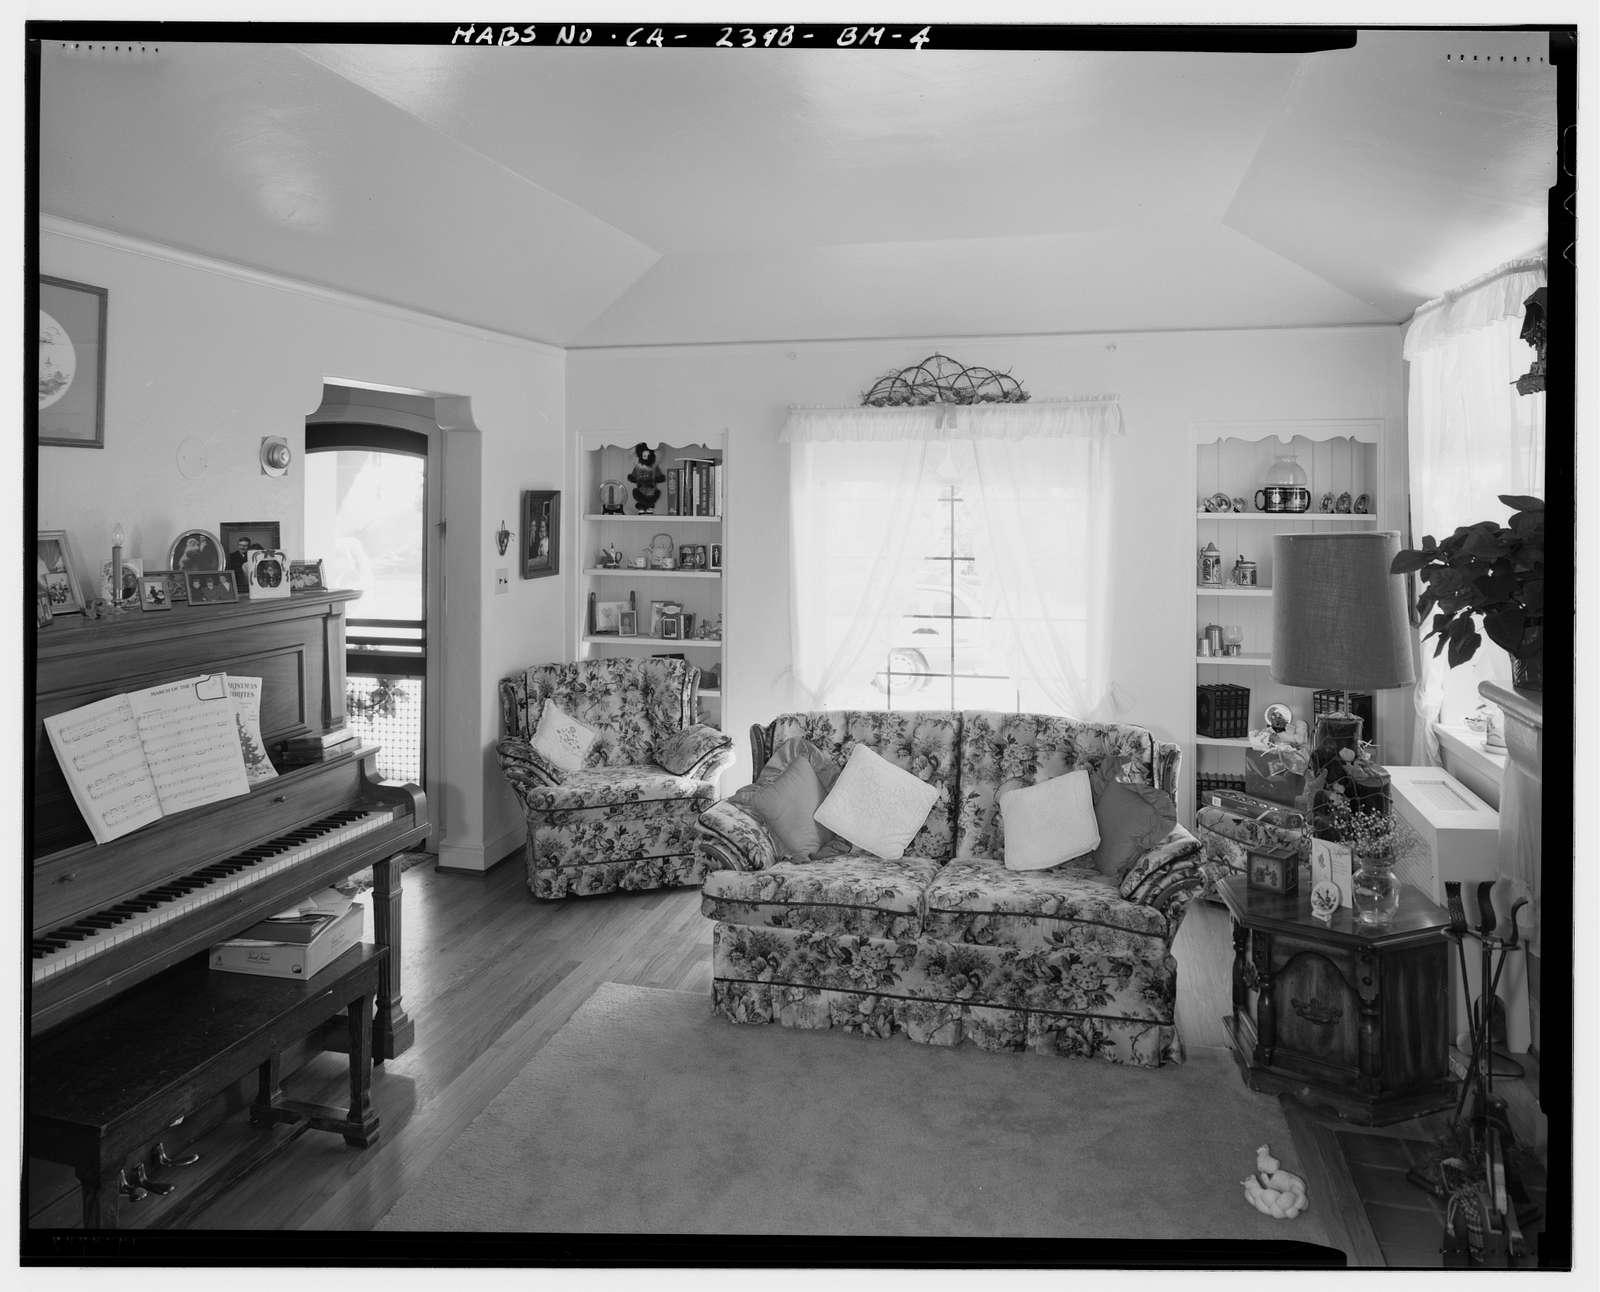 Hamilton Field, Company Officers' Quarters Type H1, Buena Vista, Novato, Marin County, CA